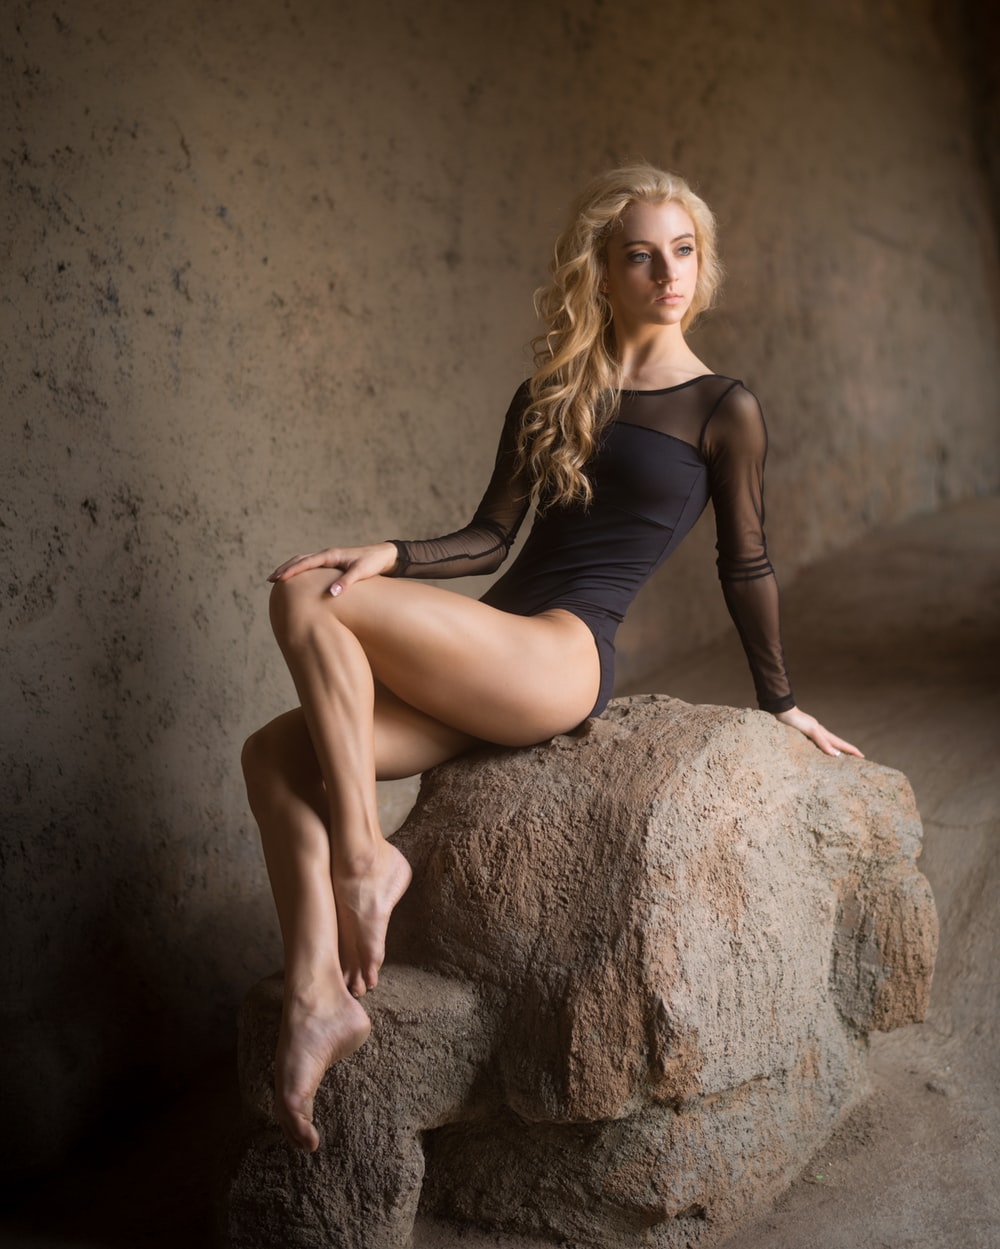 woman wearing body suit sitting on rock